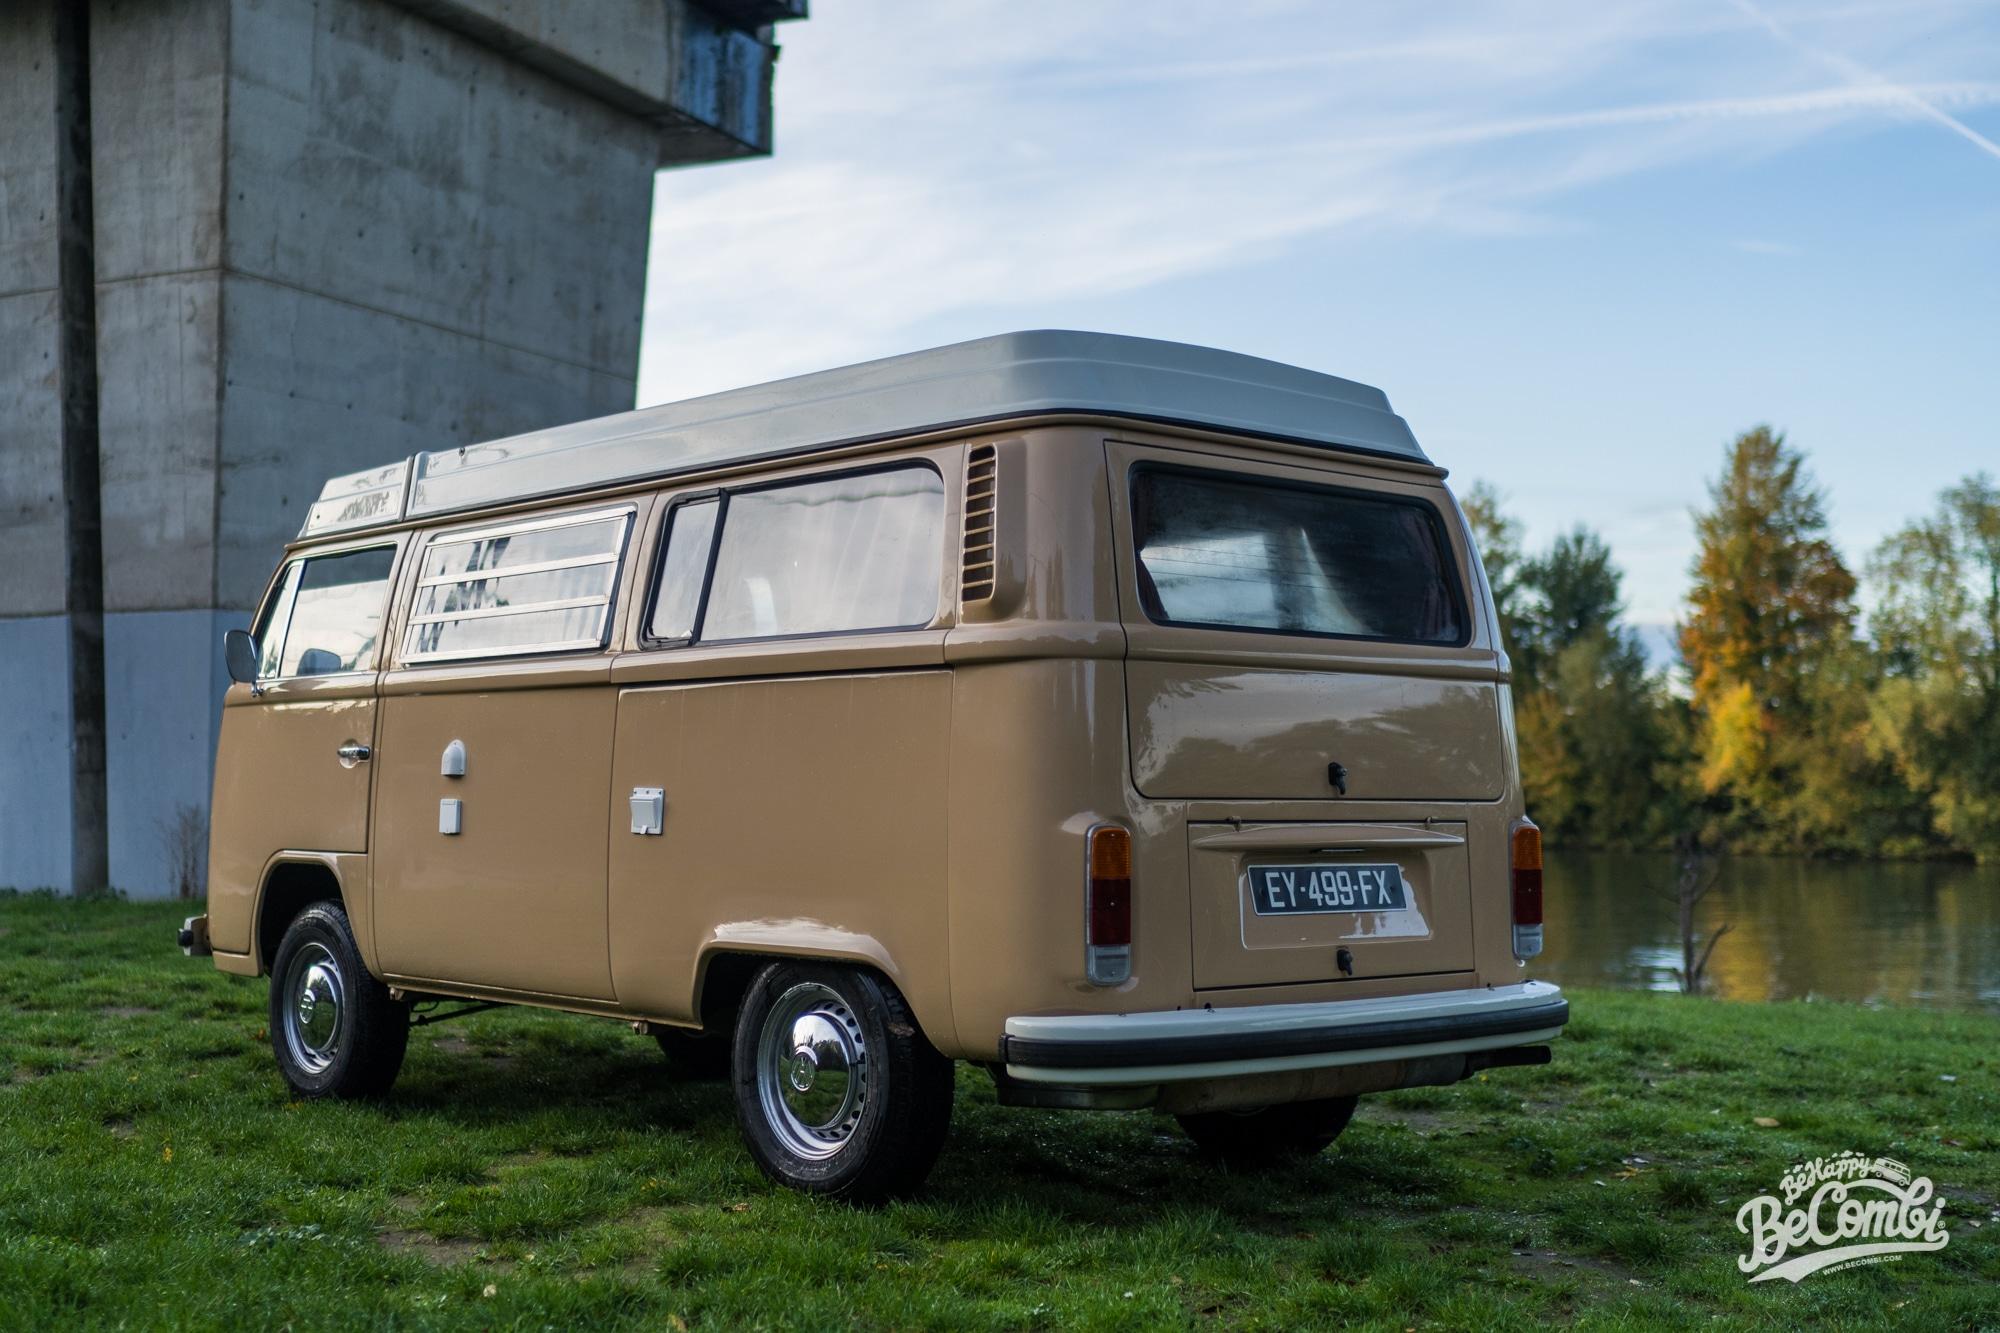 VW Combi Berlin - Schmecko - BeCombi-7